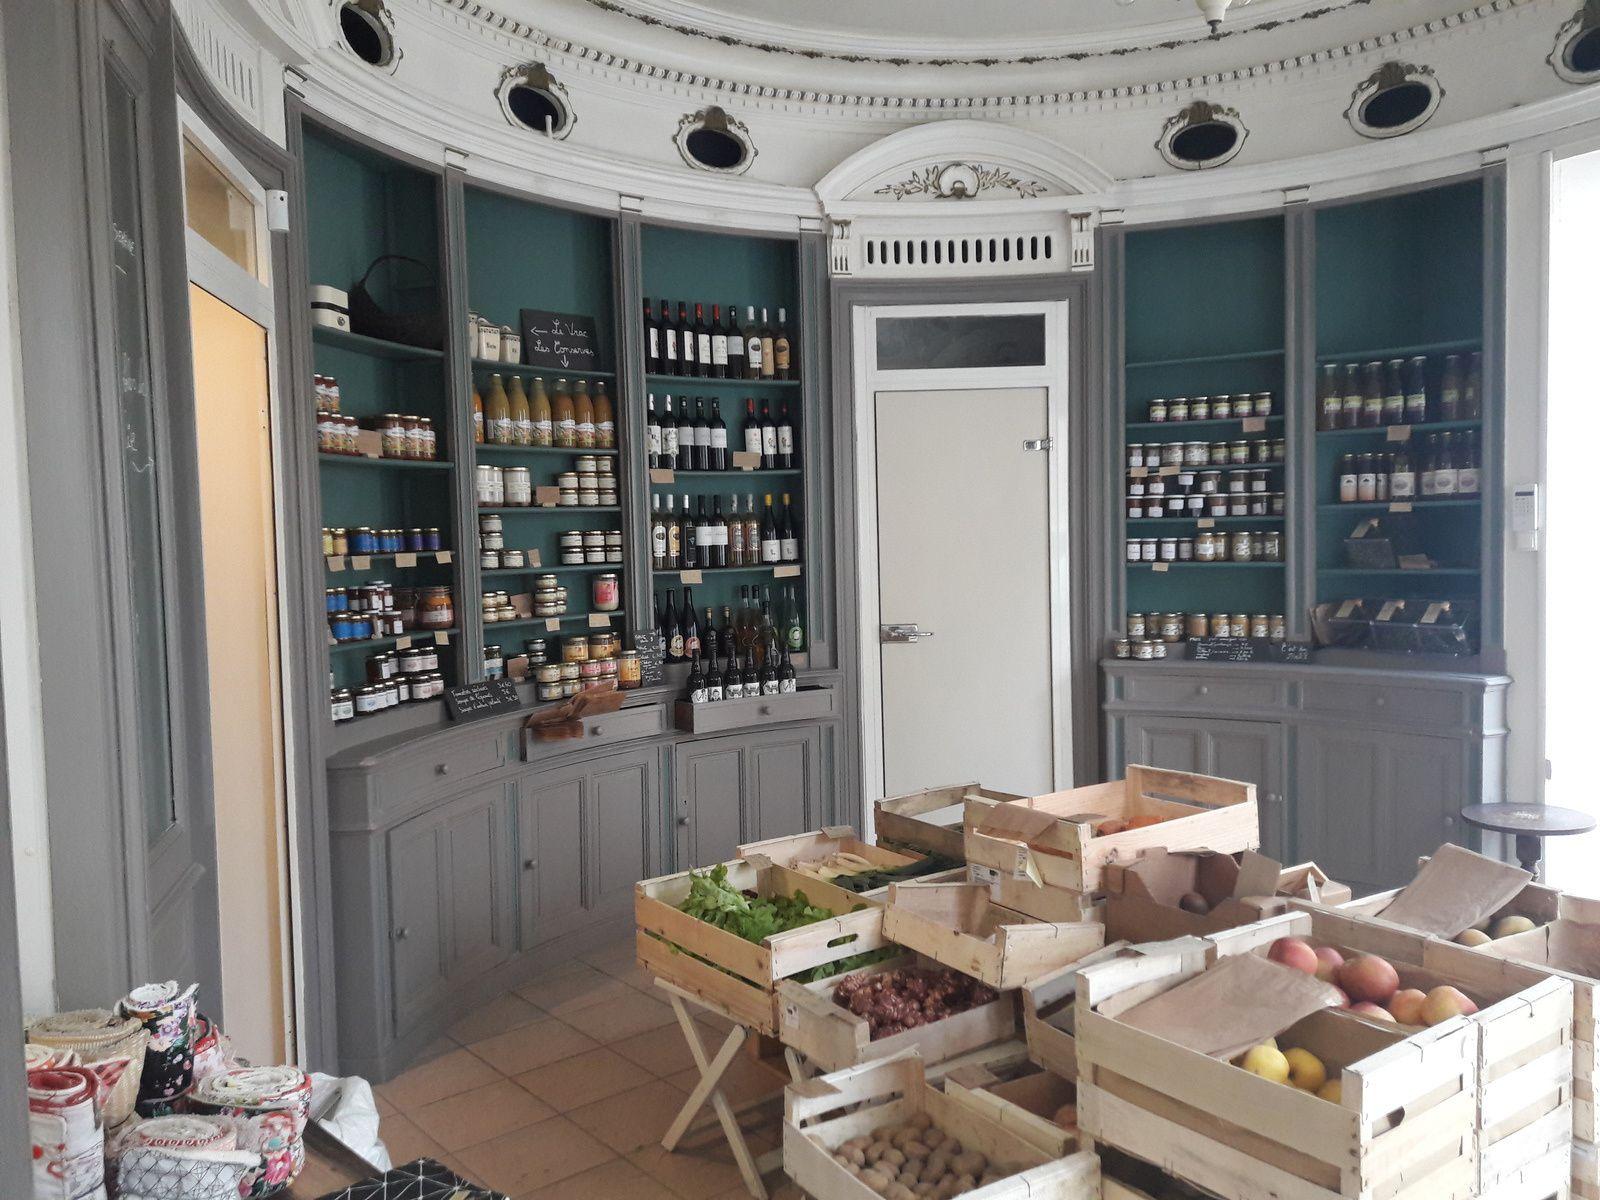 Tista, épicerie Zéro déchet à Bordeaux - Saint-Michel (Ecologirl)